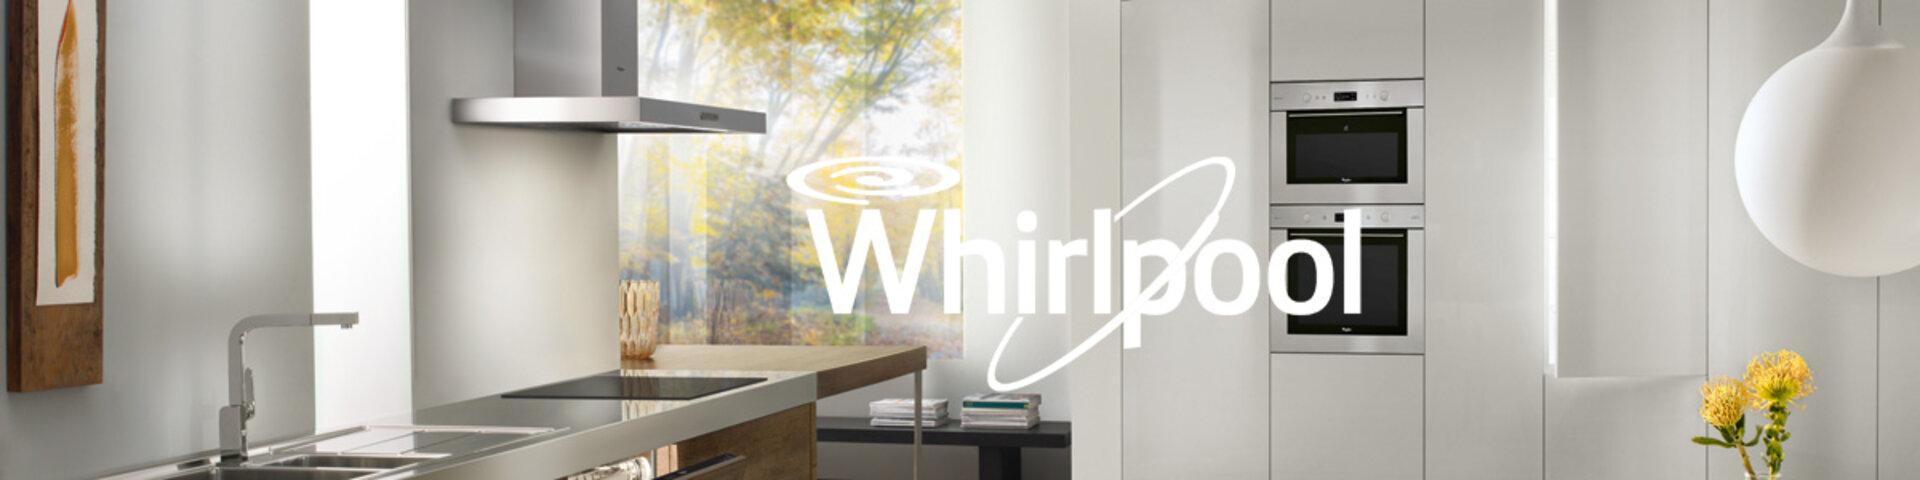 Keukenapparatuur Whirlpool